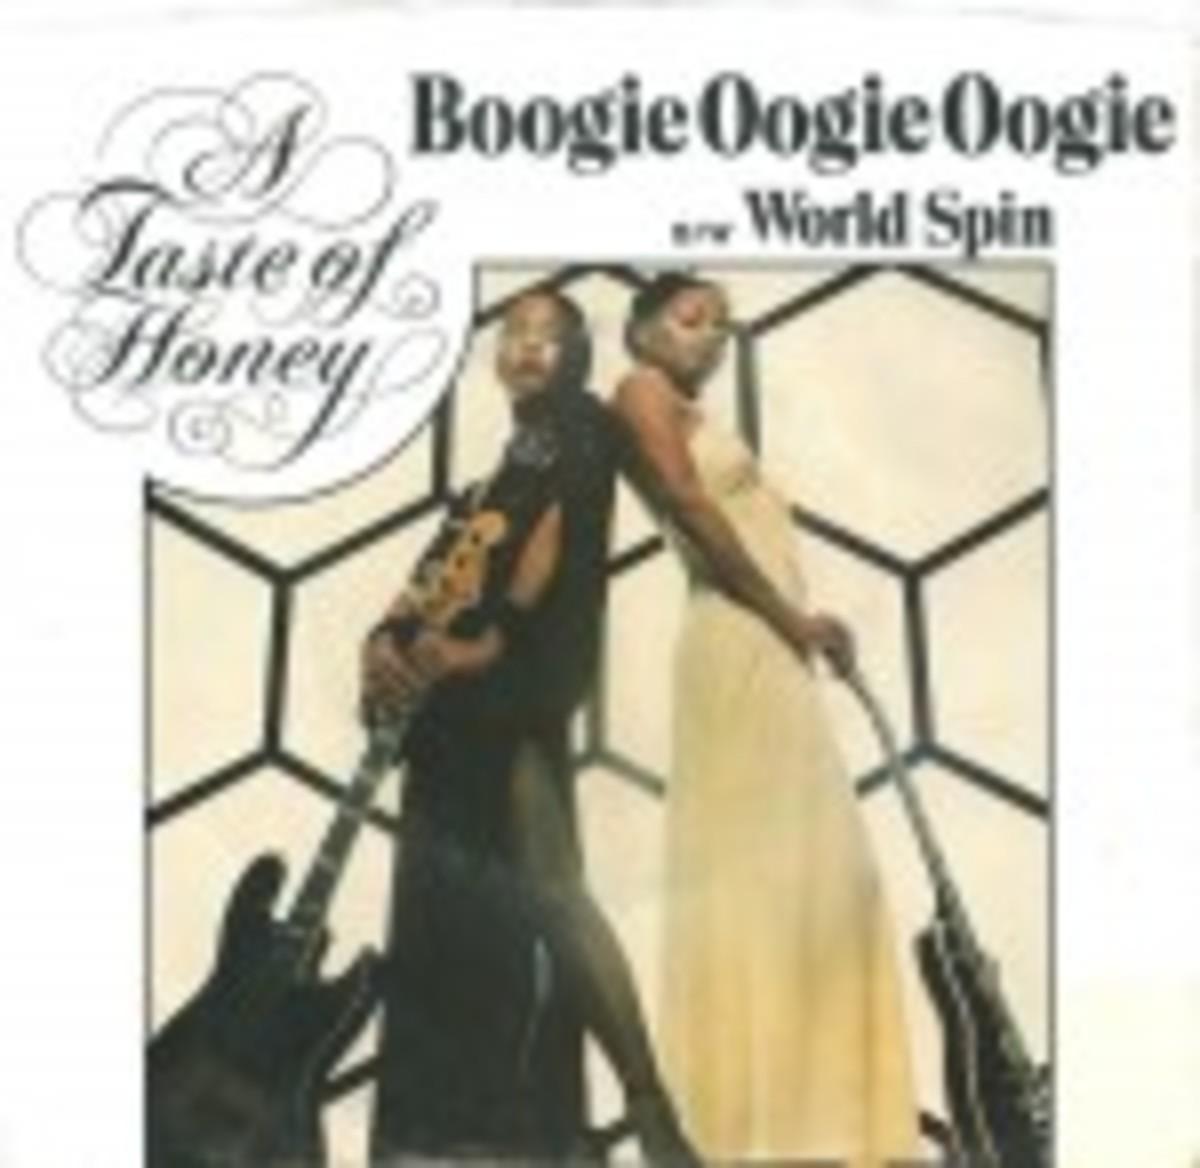 Taste of Honey Boogie Oogie Oogie